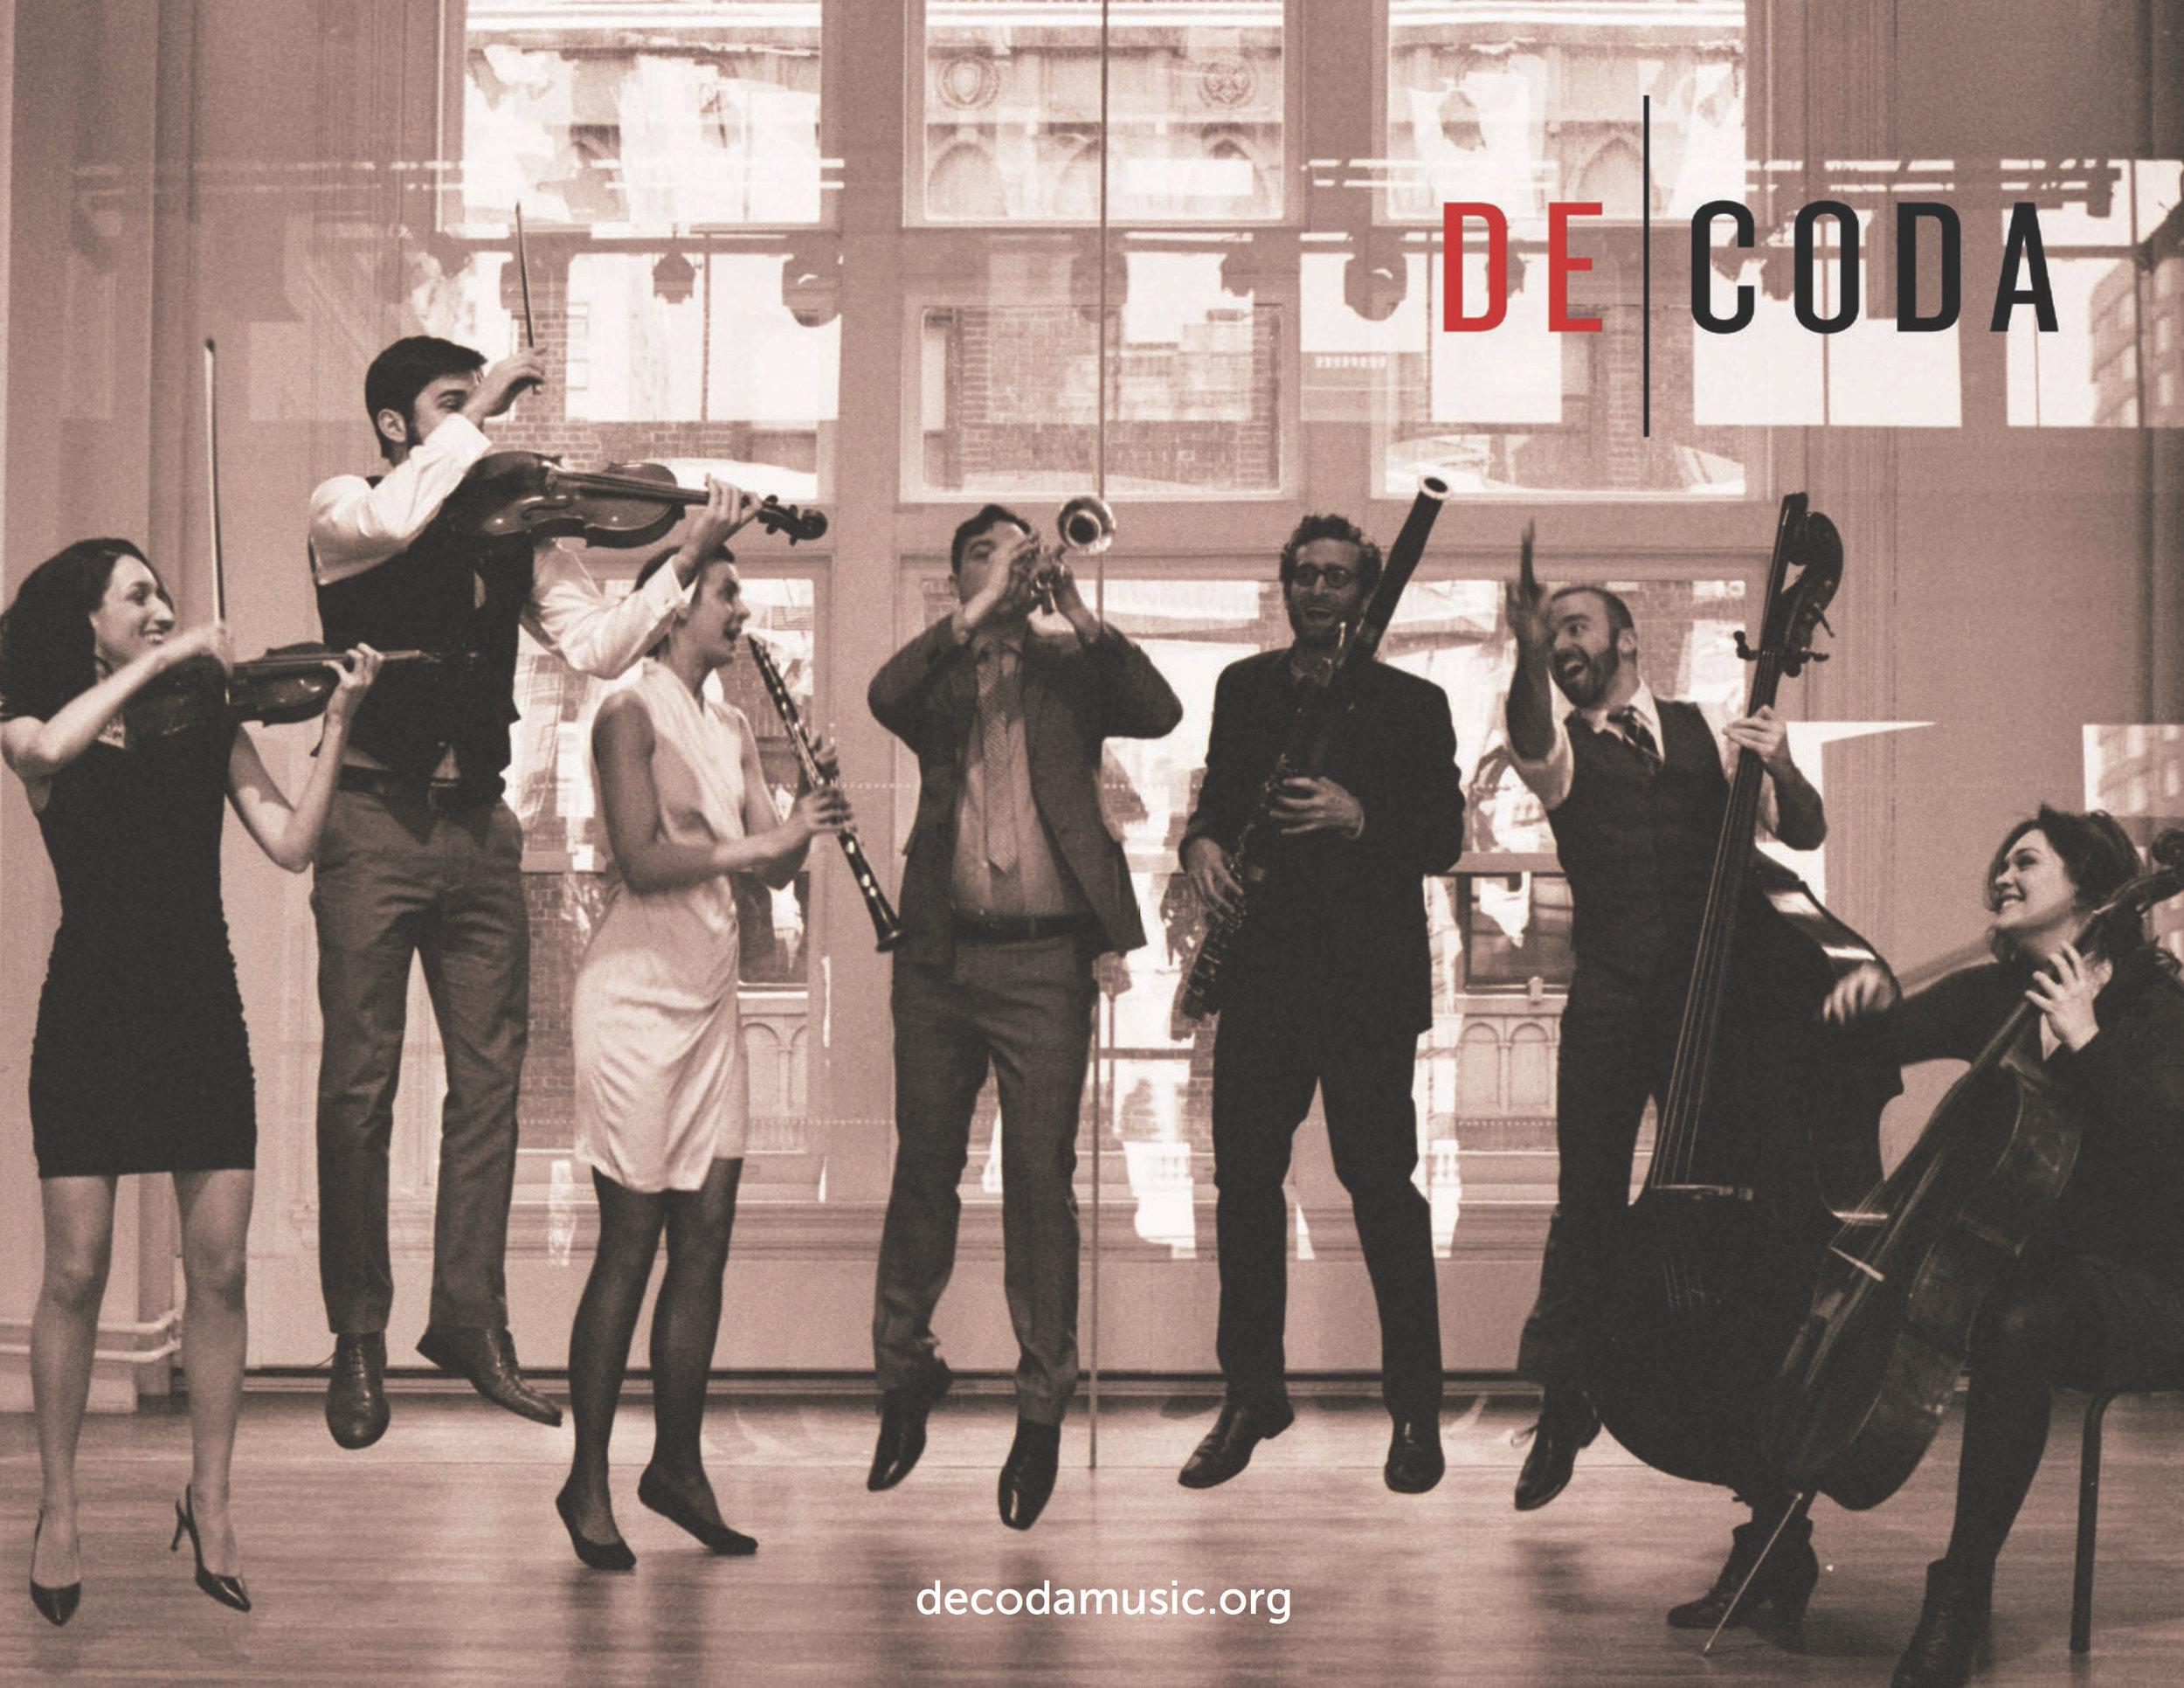 Decoda+Press+Kit+(17-18)-Oct(opt) (dragged).jpg